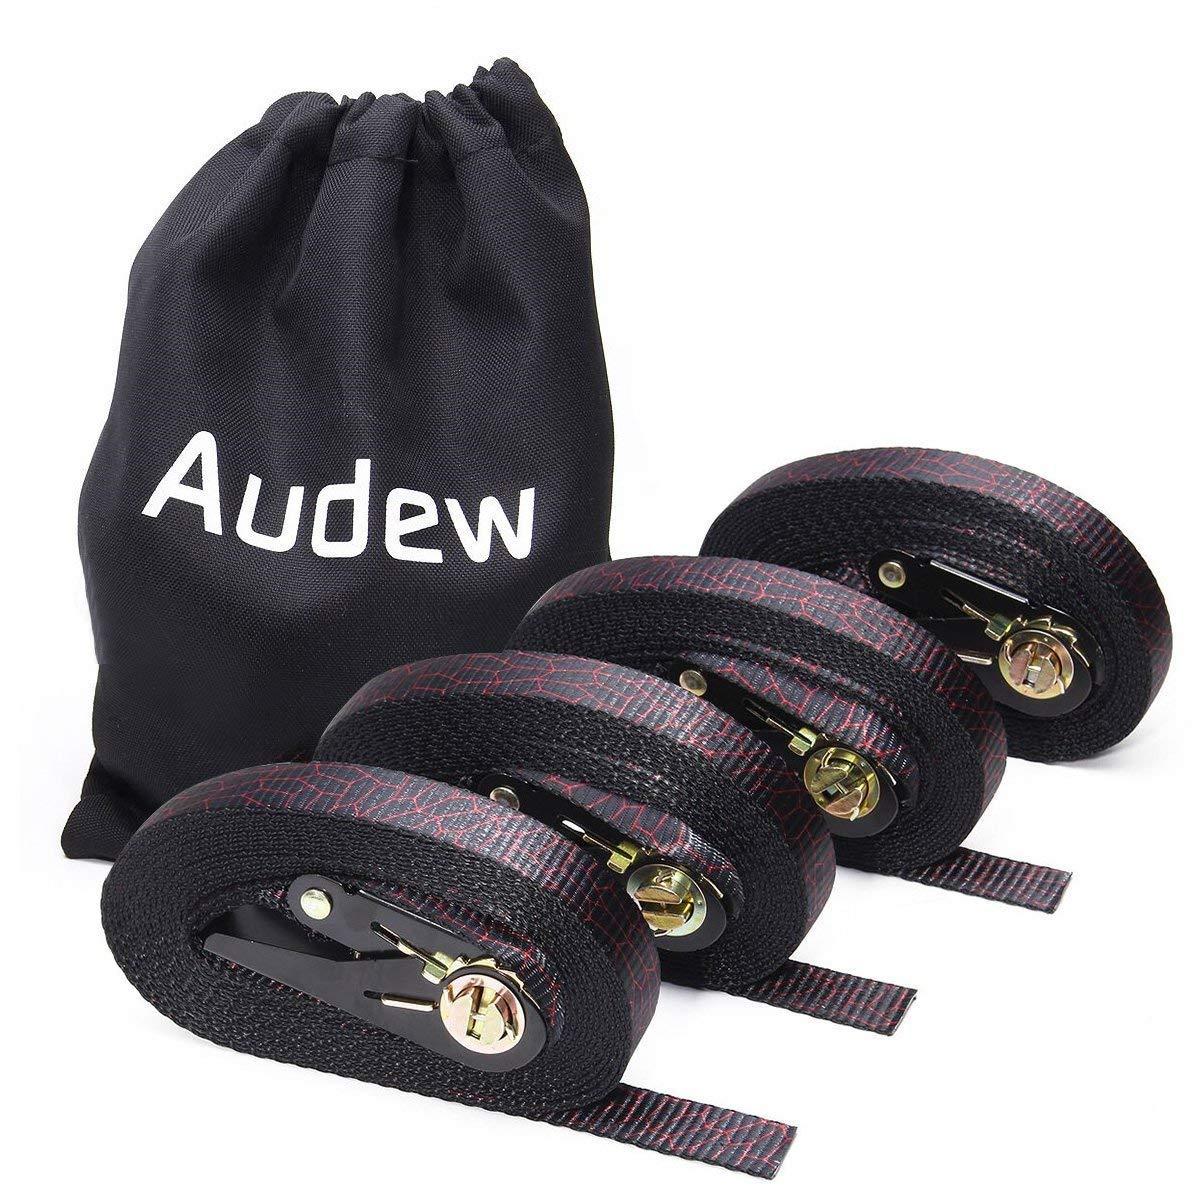 Audew Ratchet Tie Down Straps 4 Pack Ratchet Straps 20 FT-2400Lb Break Strength Cargo Straps, Heavy Duty Lashing Straps by Audew